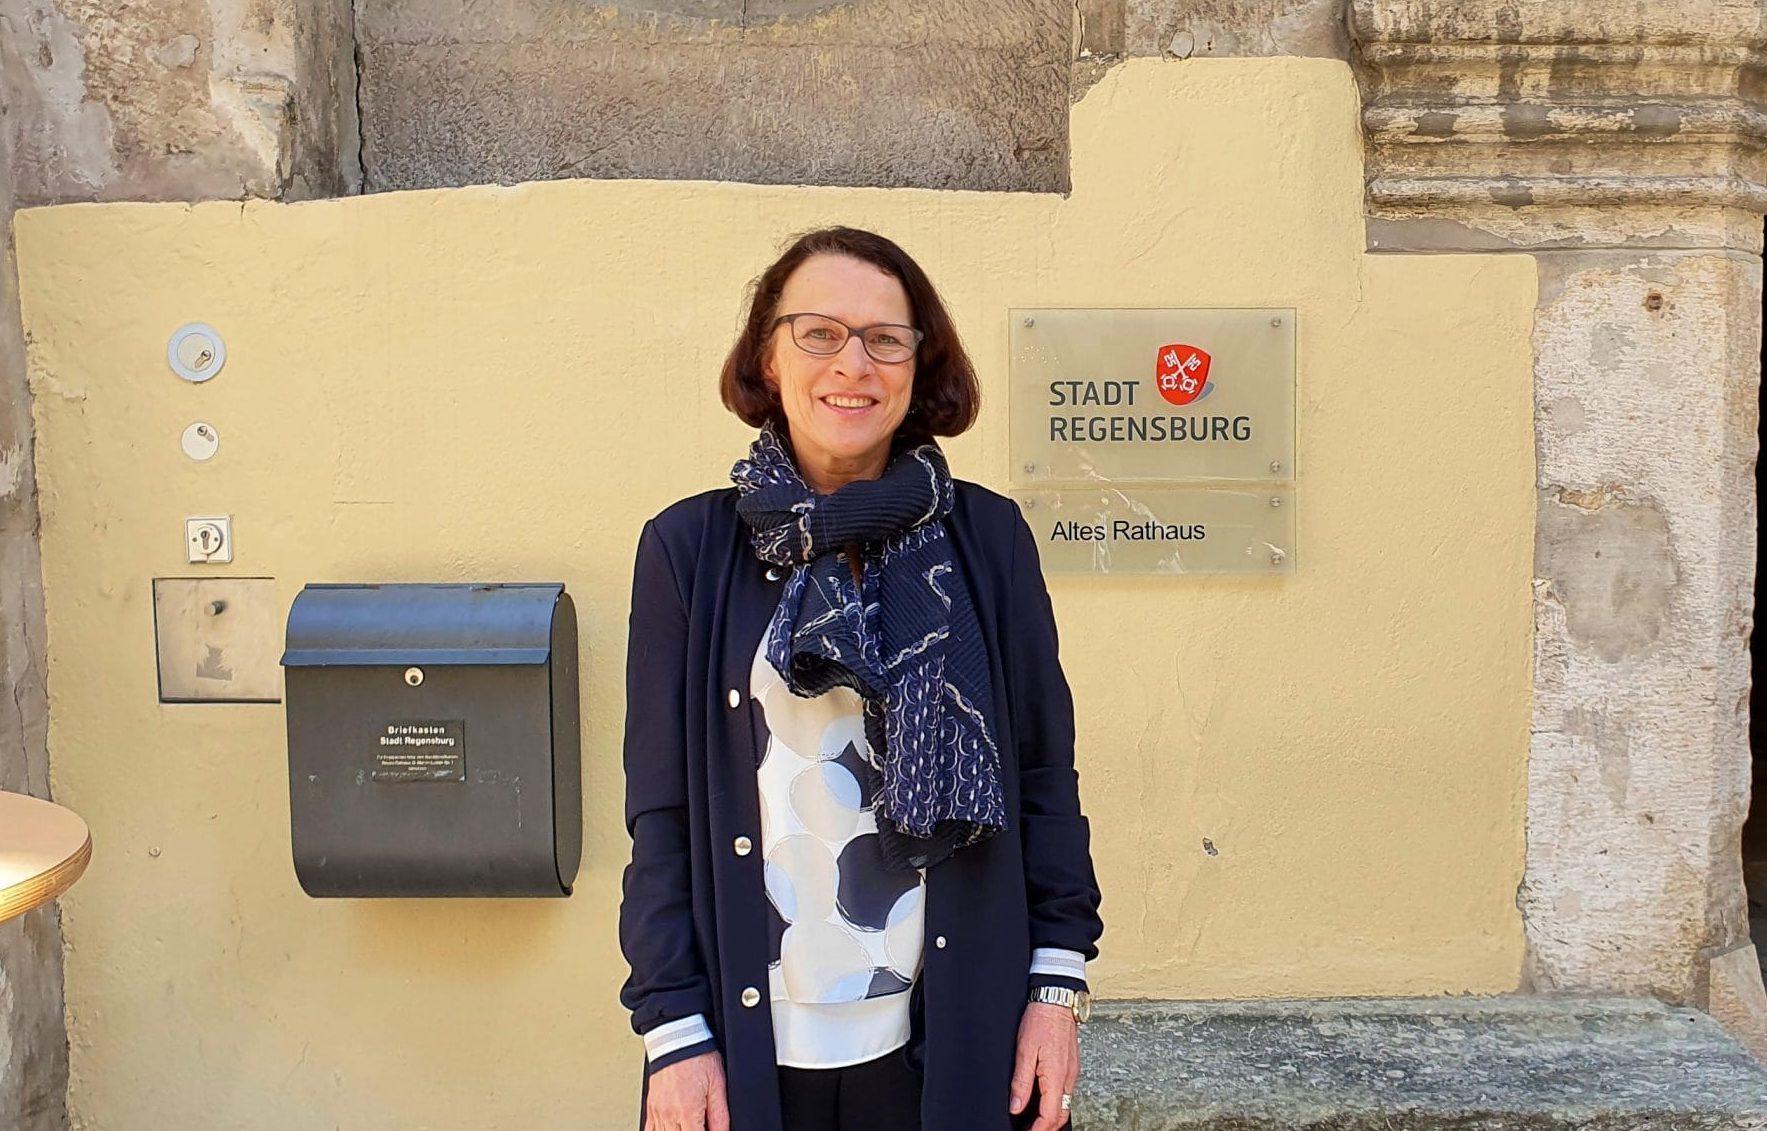 Gertrud Maltz-Schwarzfischer: Pragmatisch, flexibel, legitimiert So navigiert die neue Oberbürgermeisterin Regensburg durch die Krise